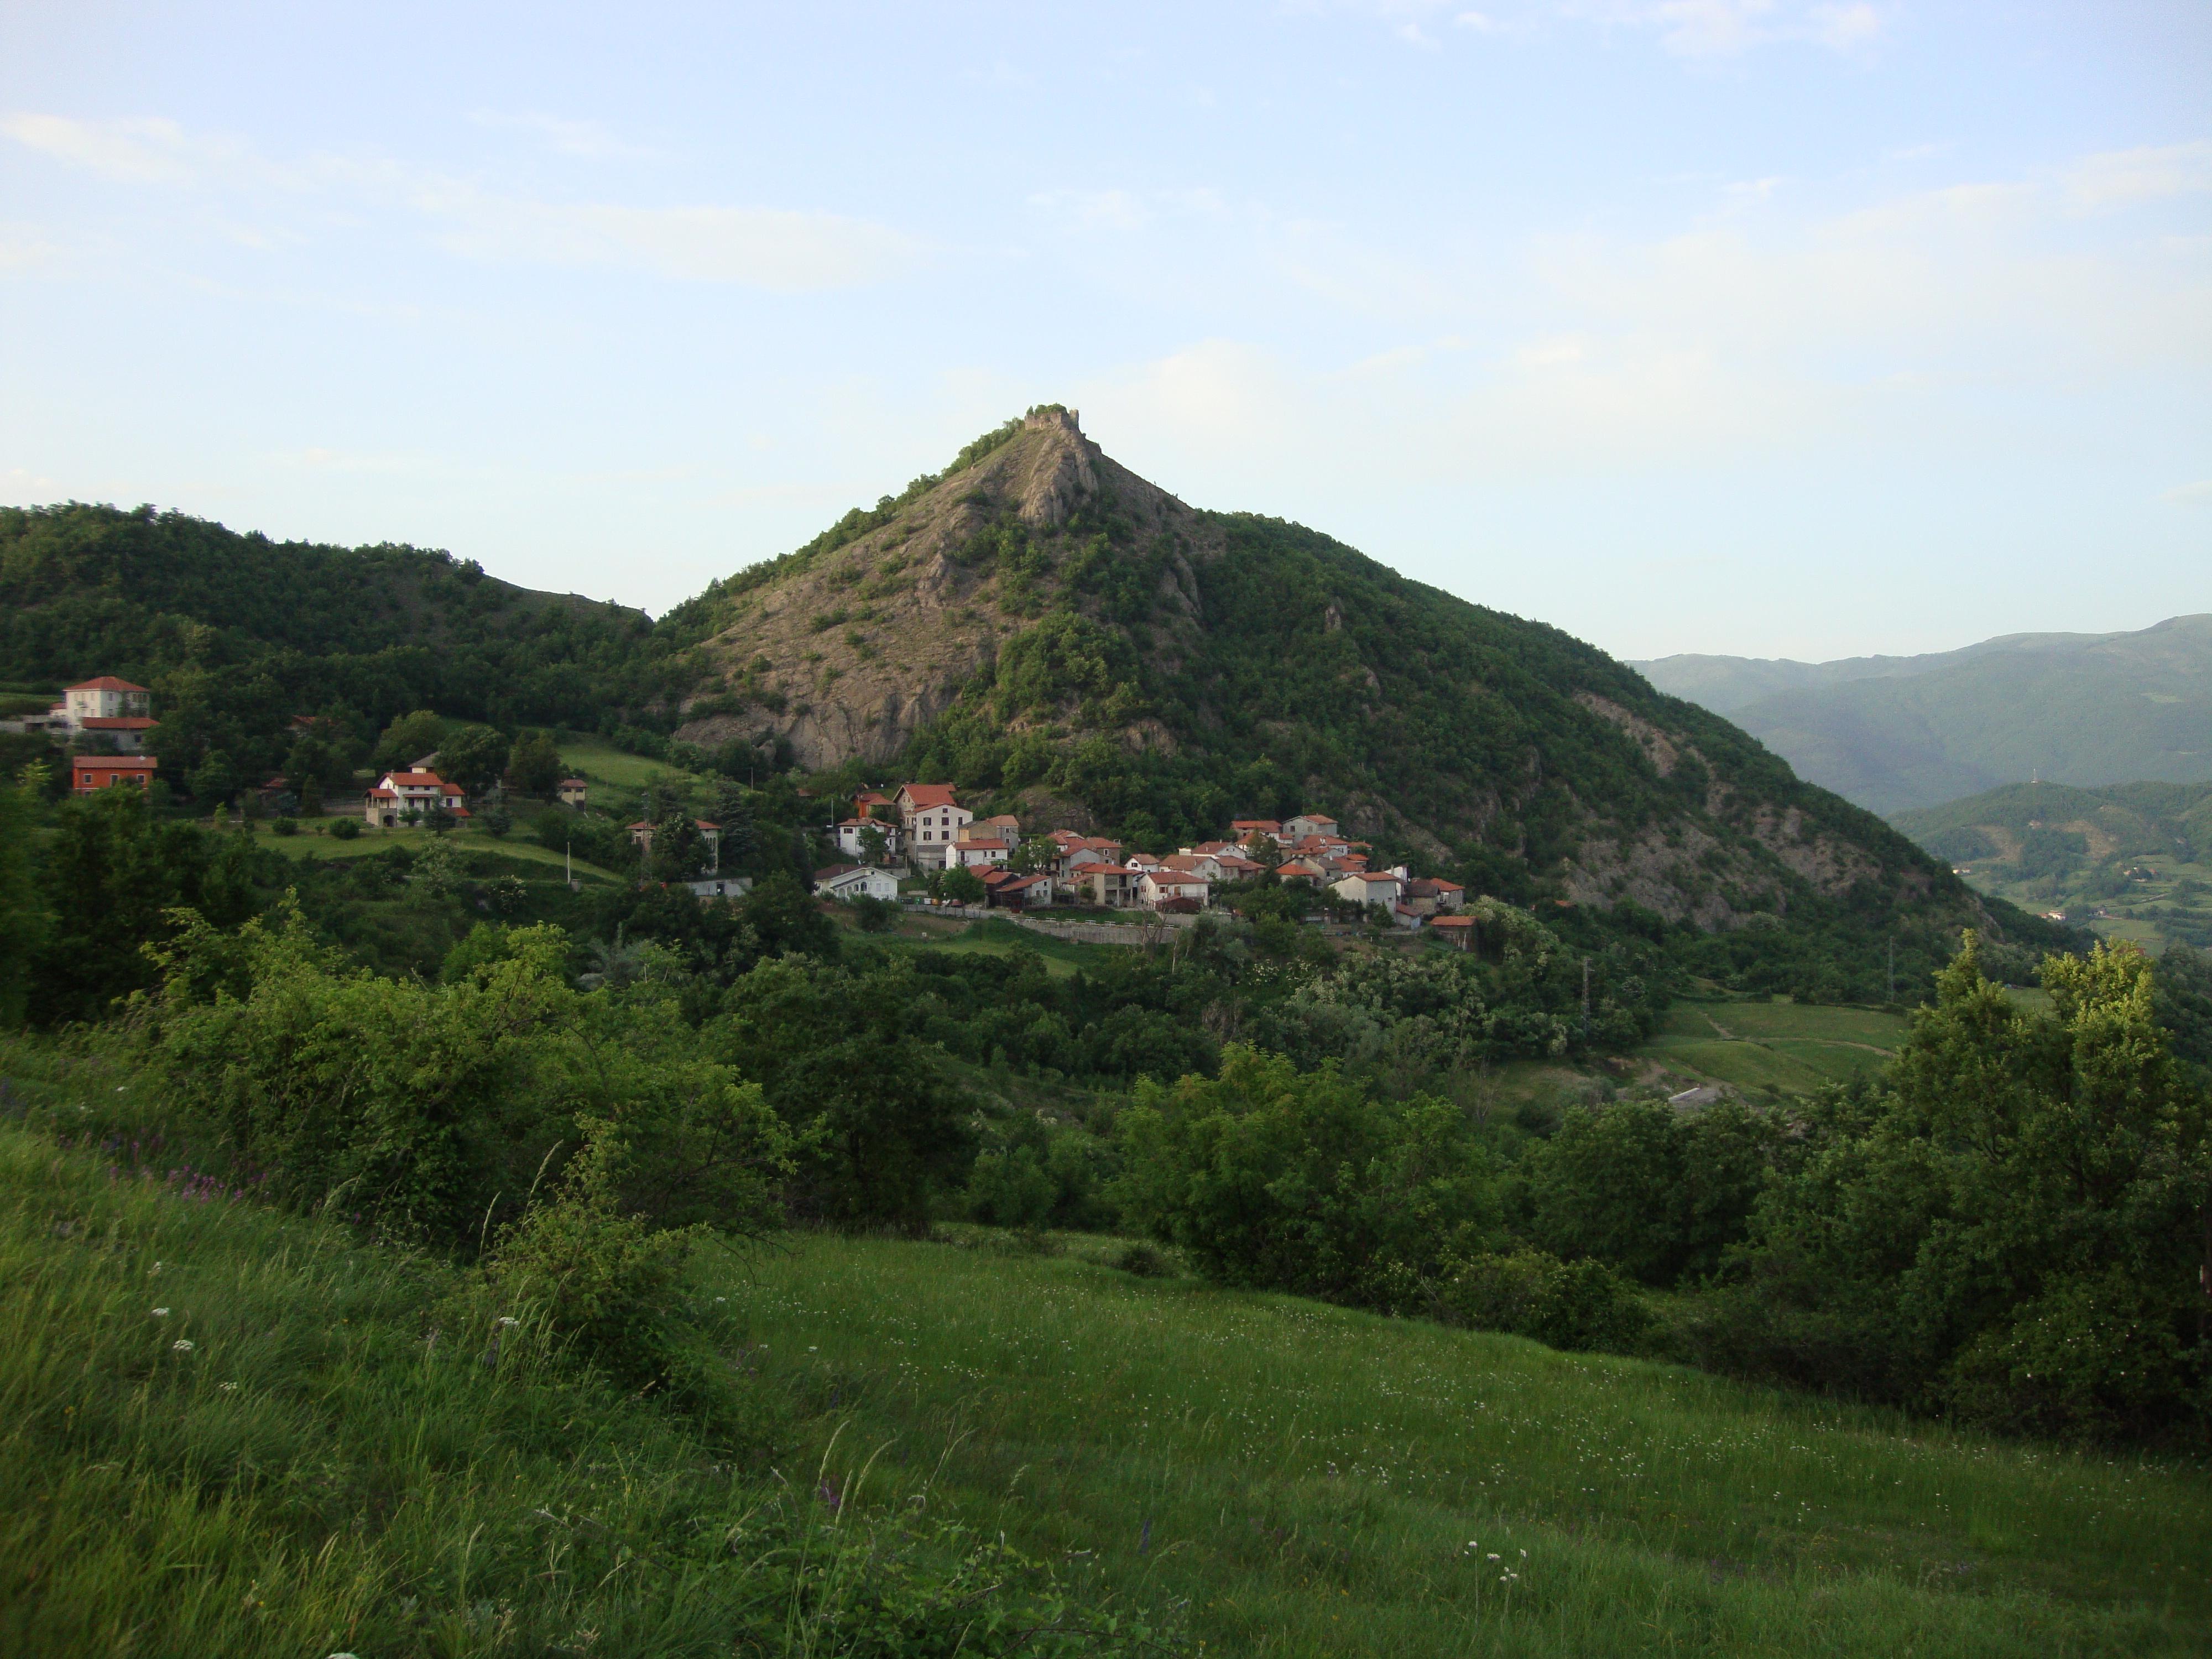 Roccaforte Ligure